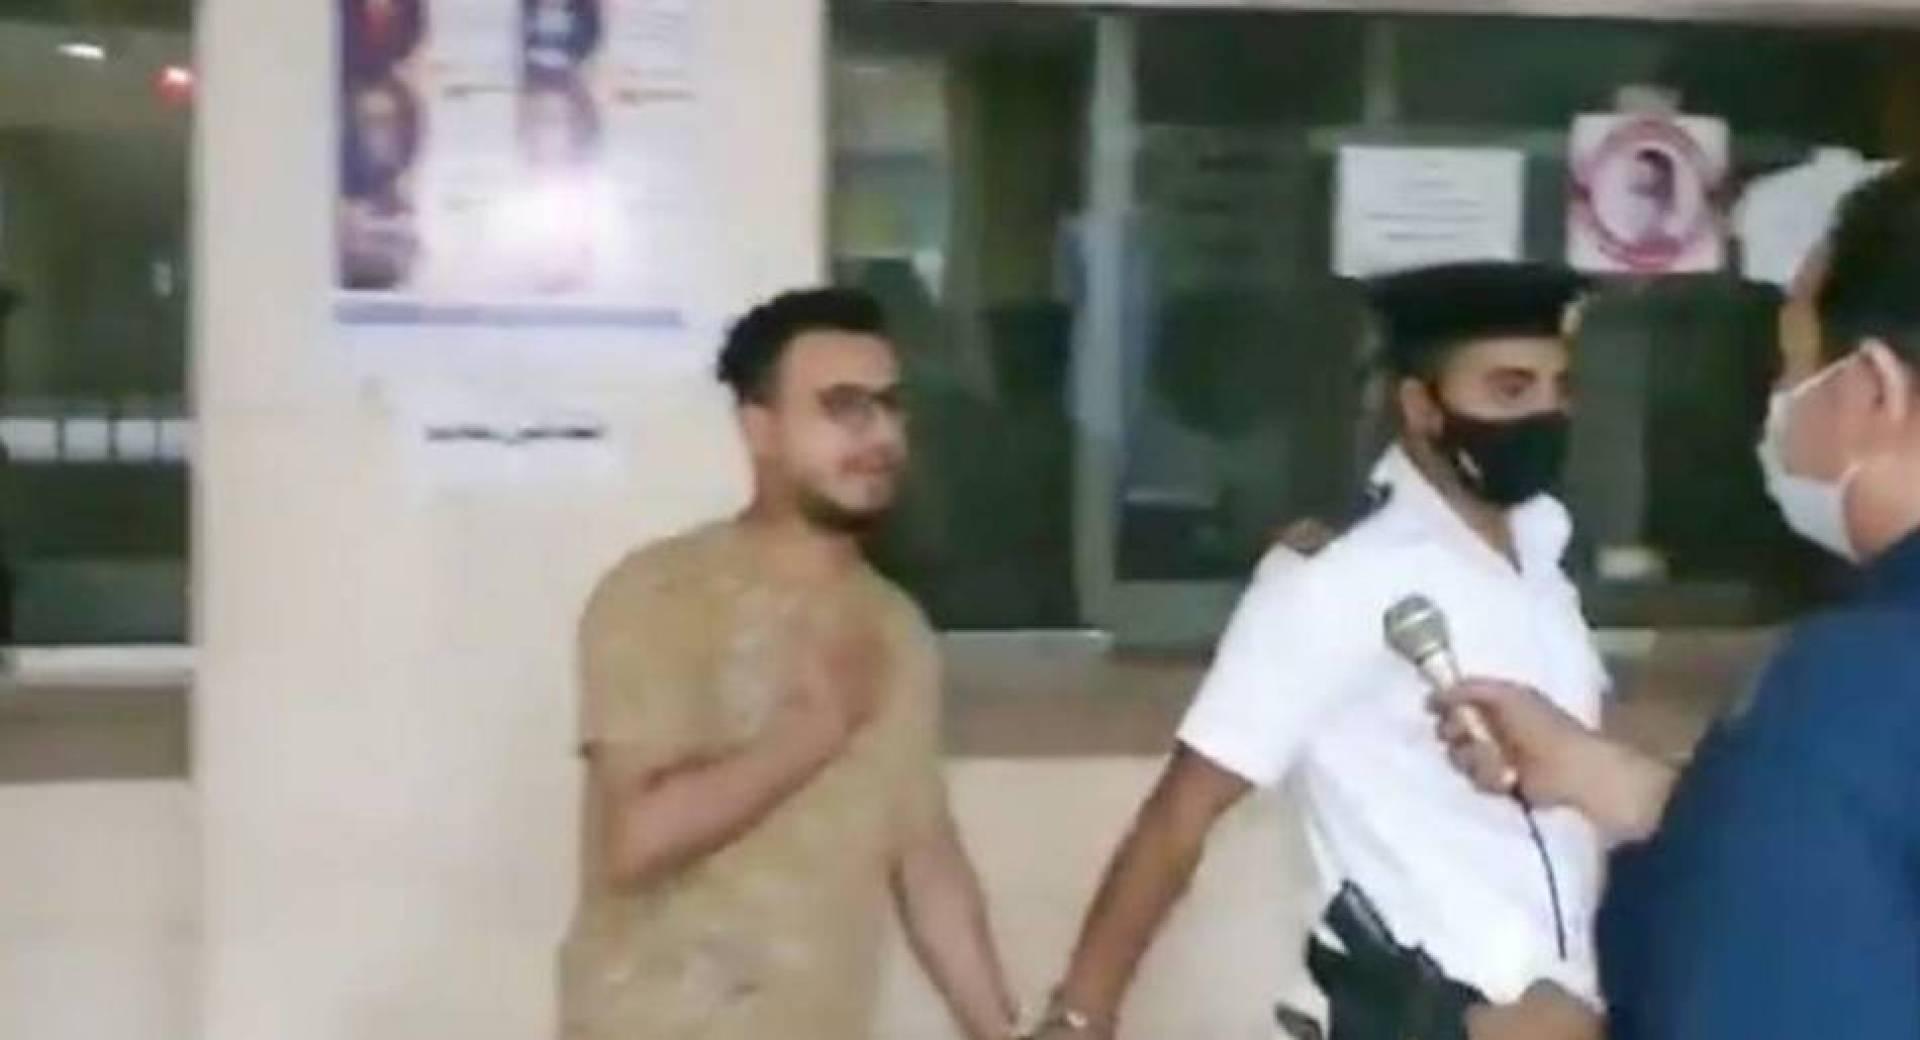 السلطات المصرية تلقي القبض على صاحب الفيديو التحريضي لحرق علم الكويت